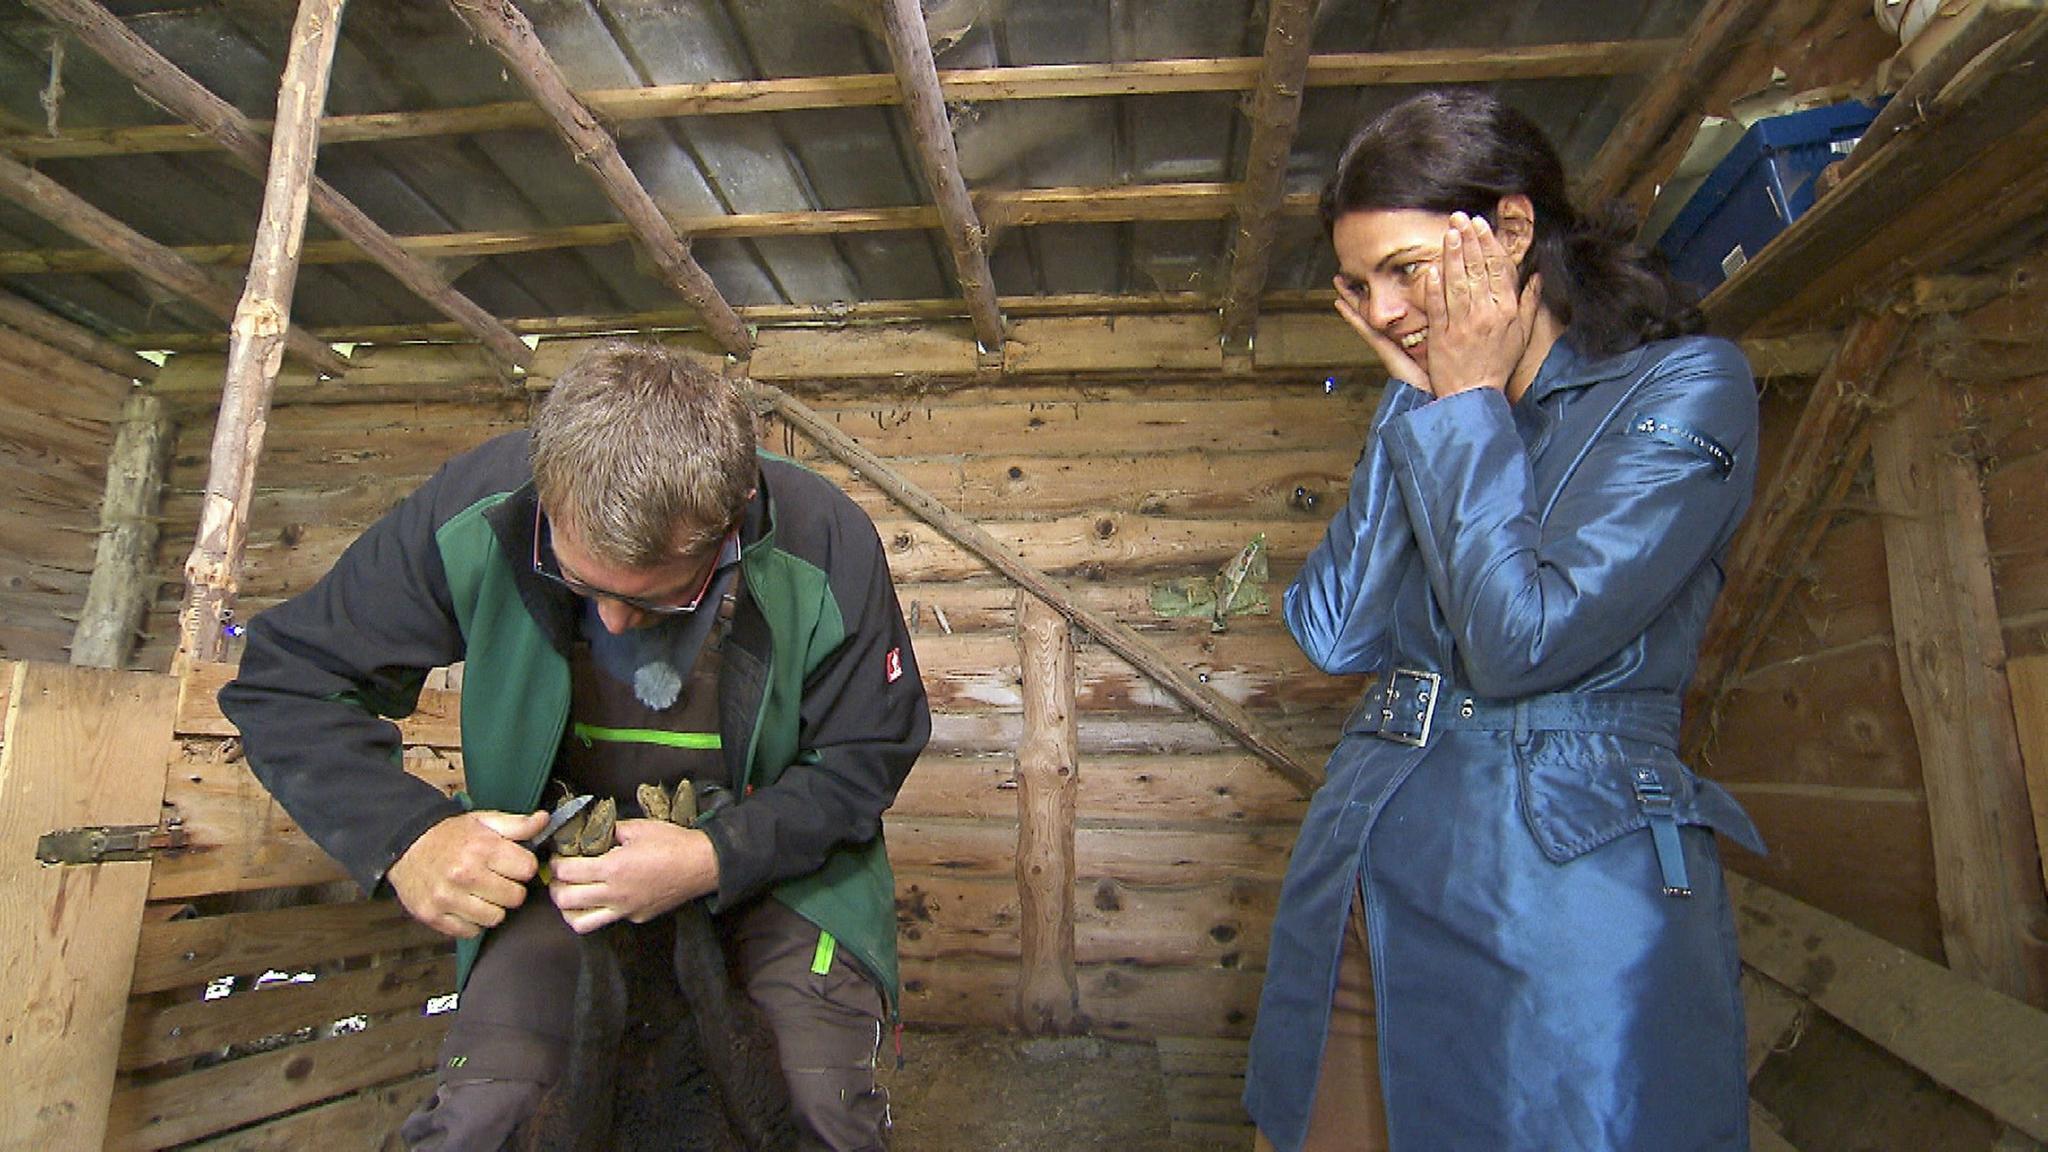 Dirk (40) aus Nordrhein-Westfalen zeigt Lena (40, Bürokauffrau), wie man die Klauen seiner Schafe stutzt. Lena ist sichtlich zurückhaltend und schafft es nicht mit anzupacken.